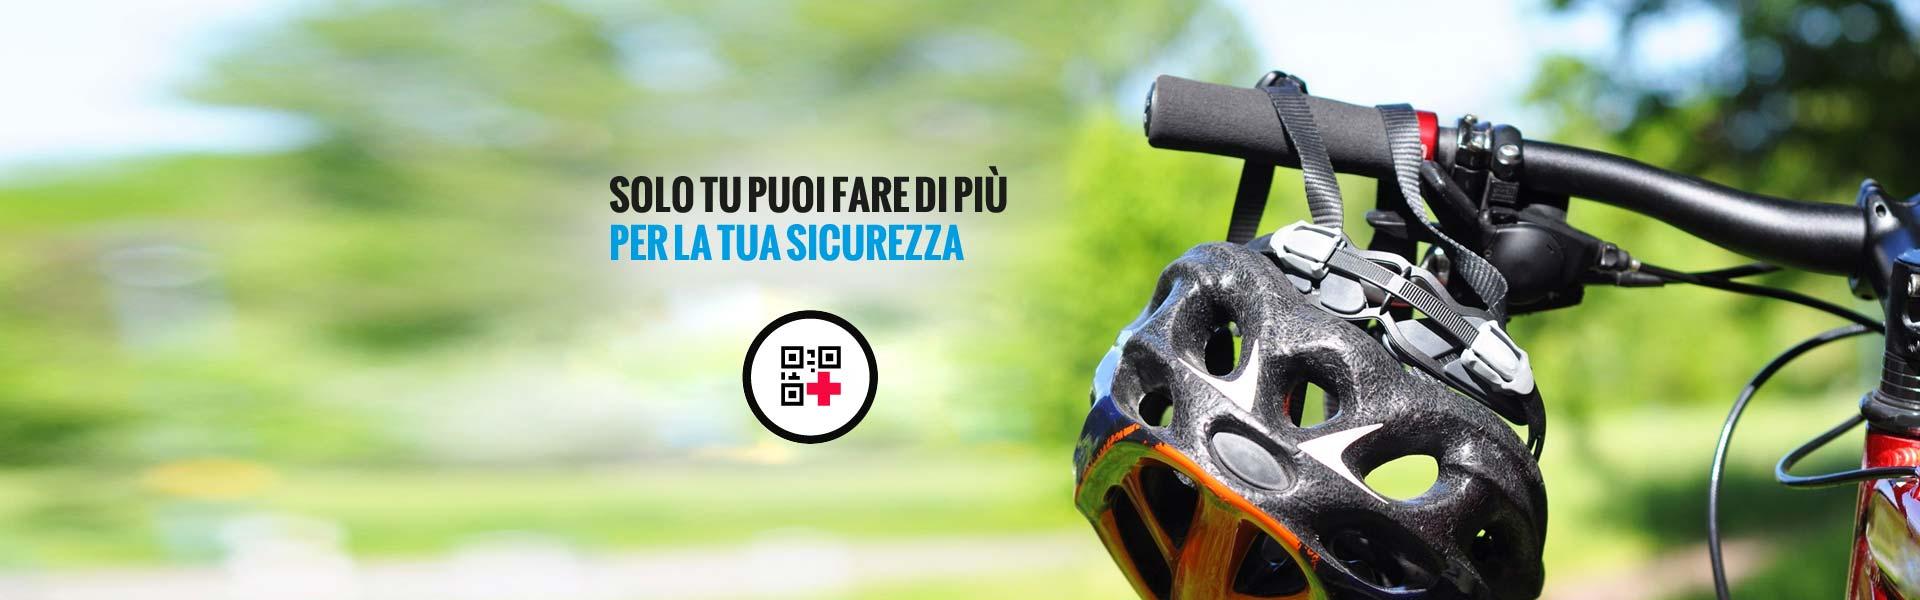 04-safety-qr-code-bicicletta